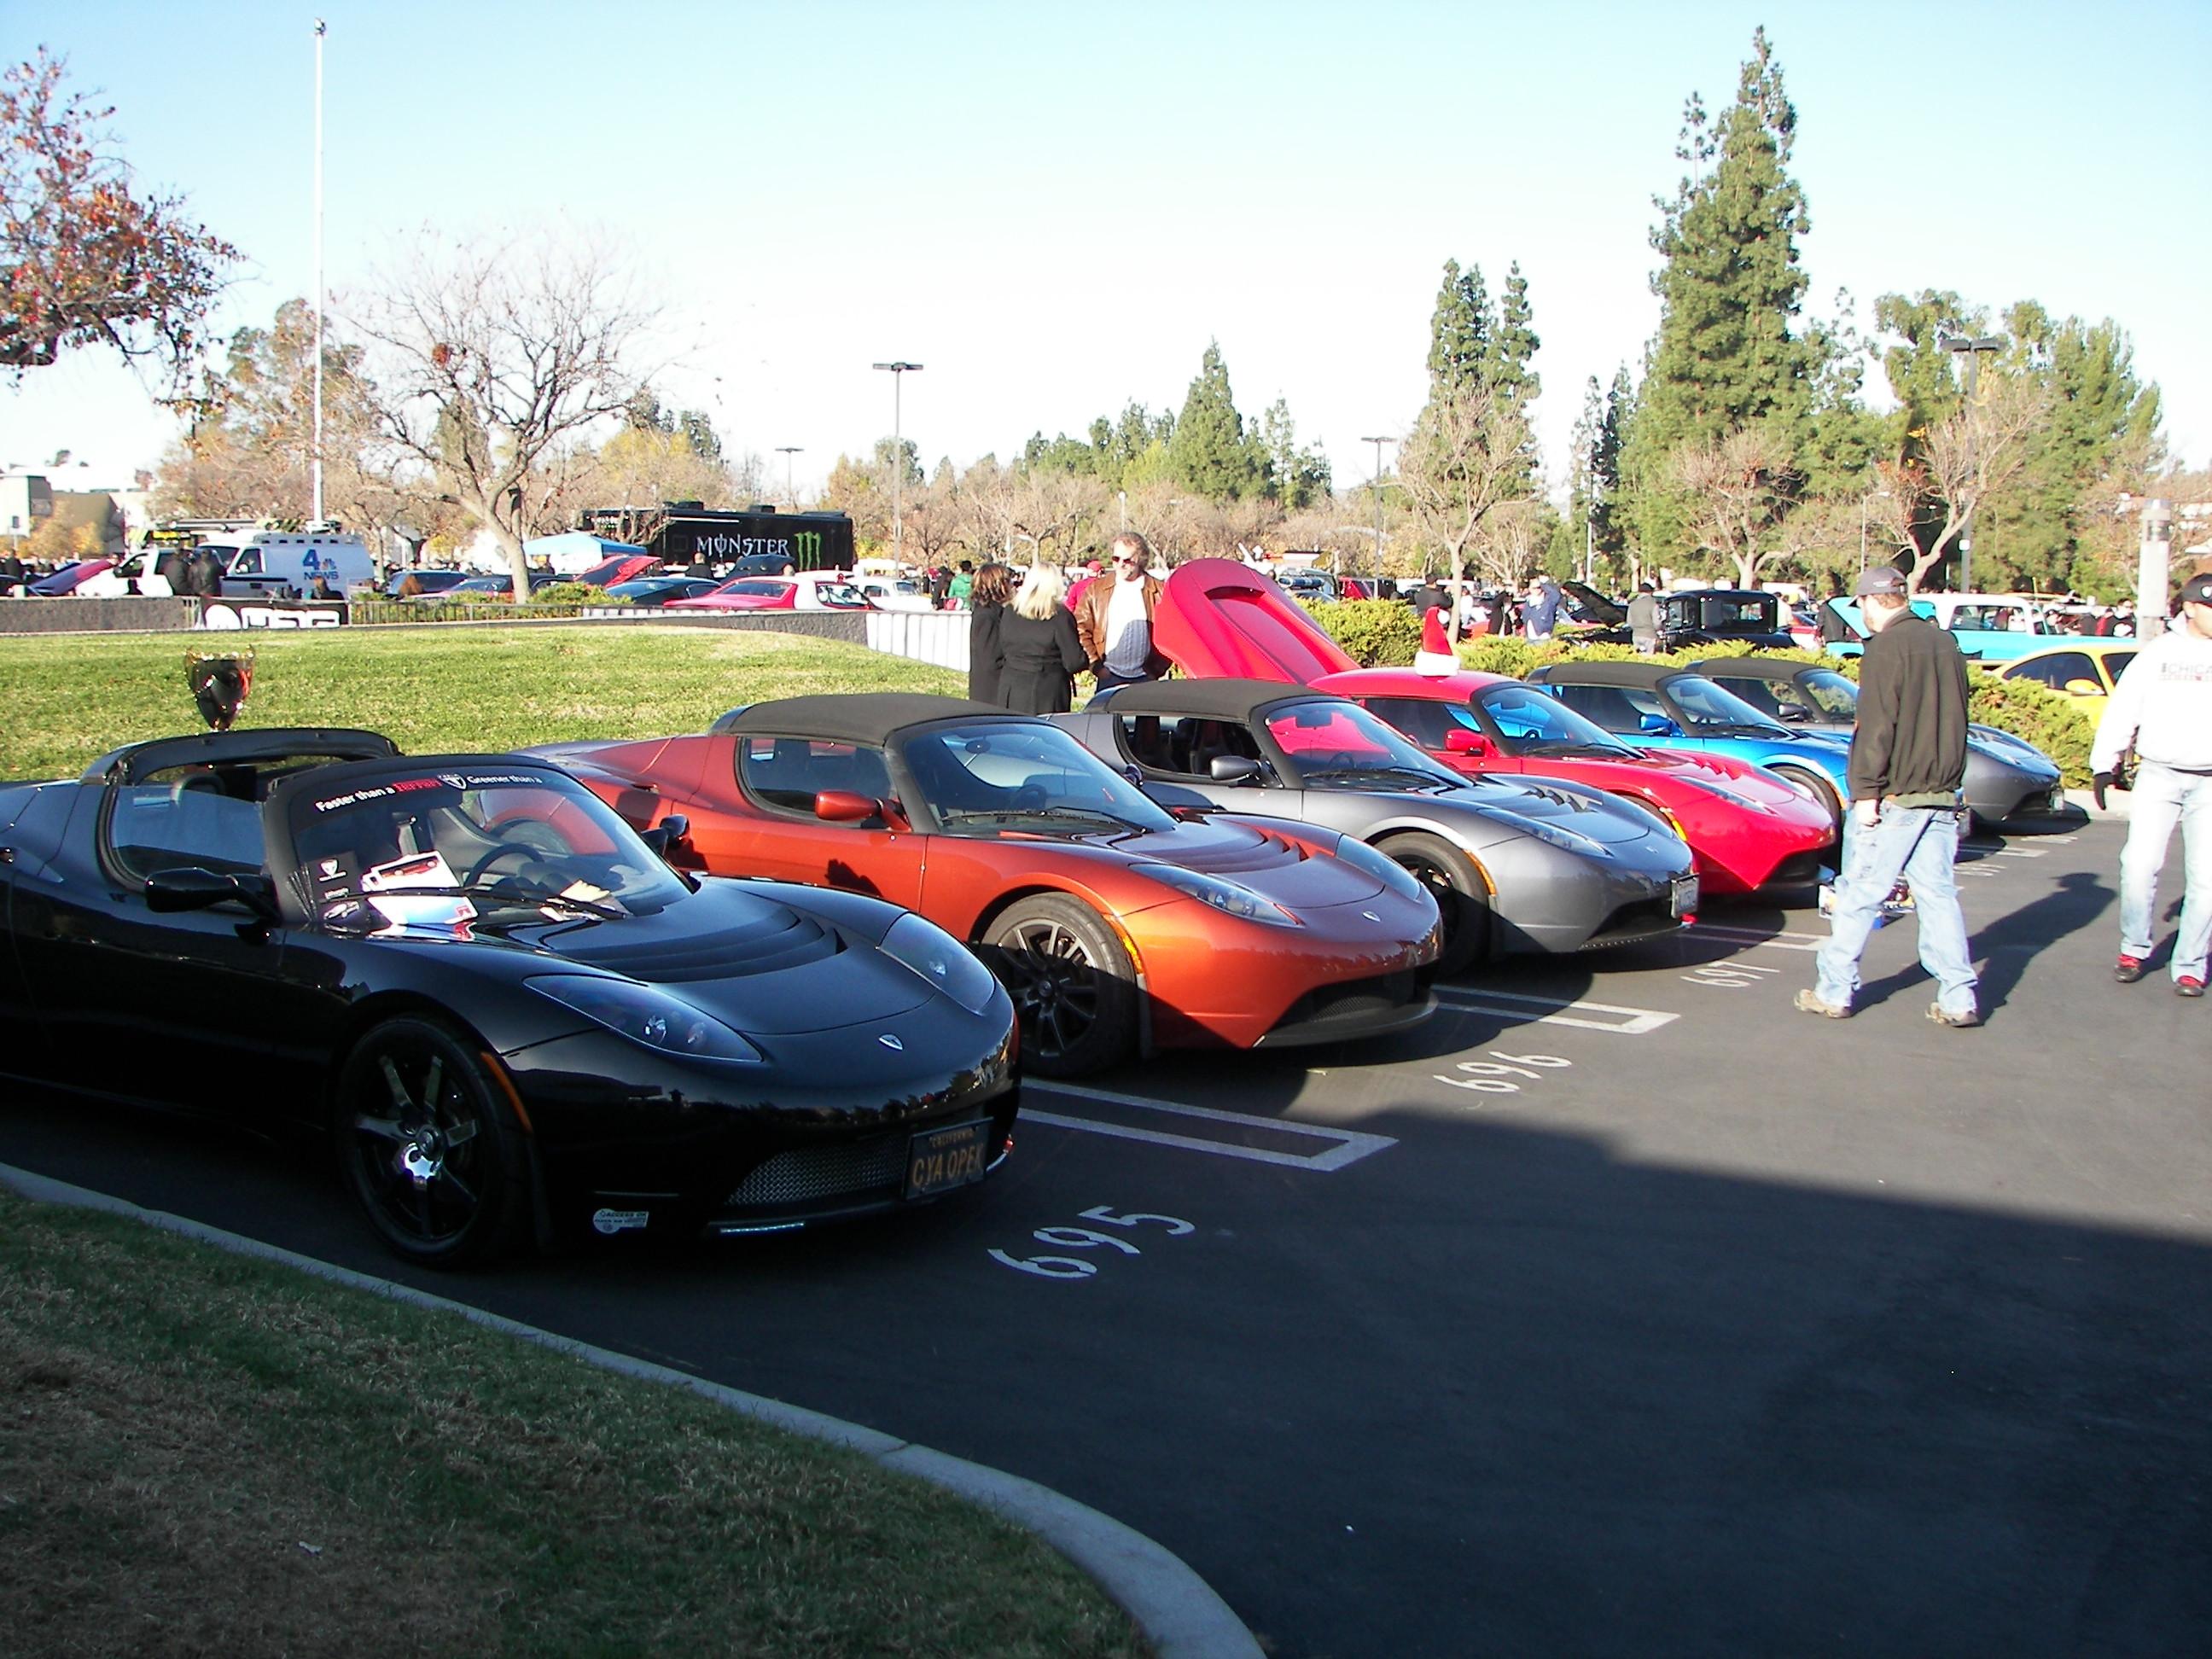 motor-for-toys-car-show-026.jpg